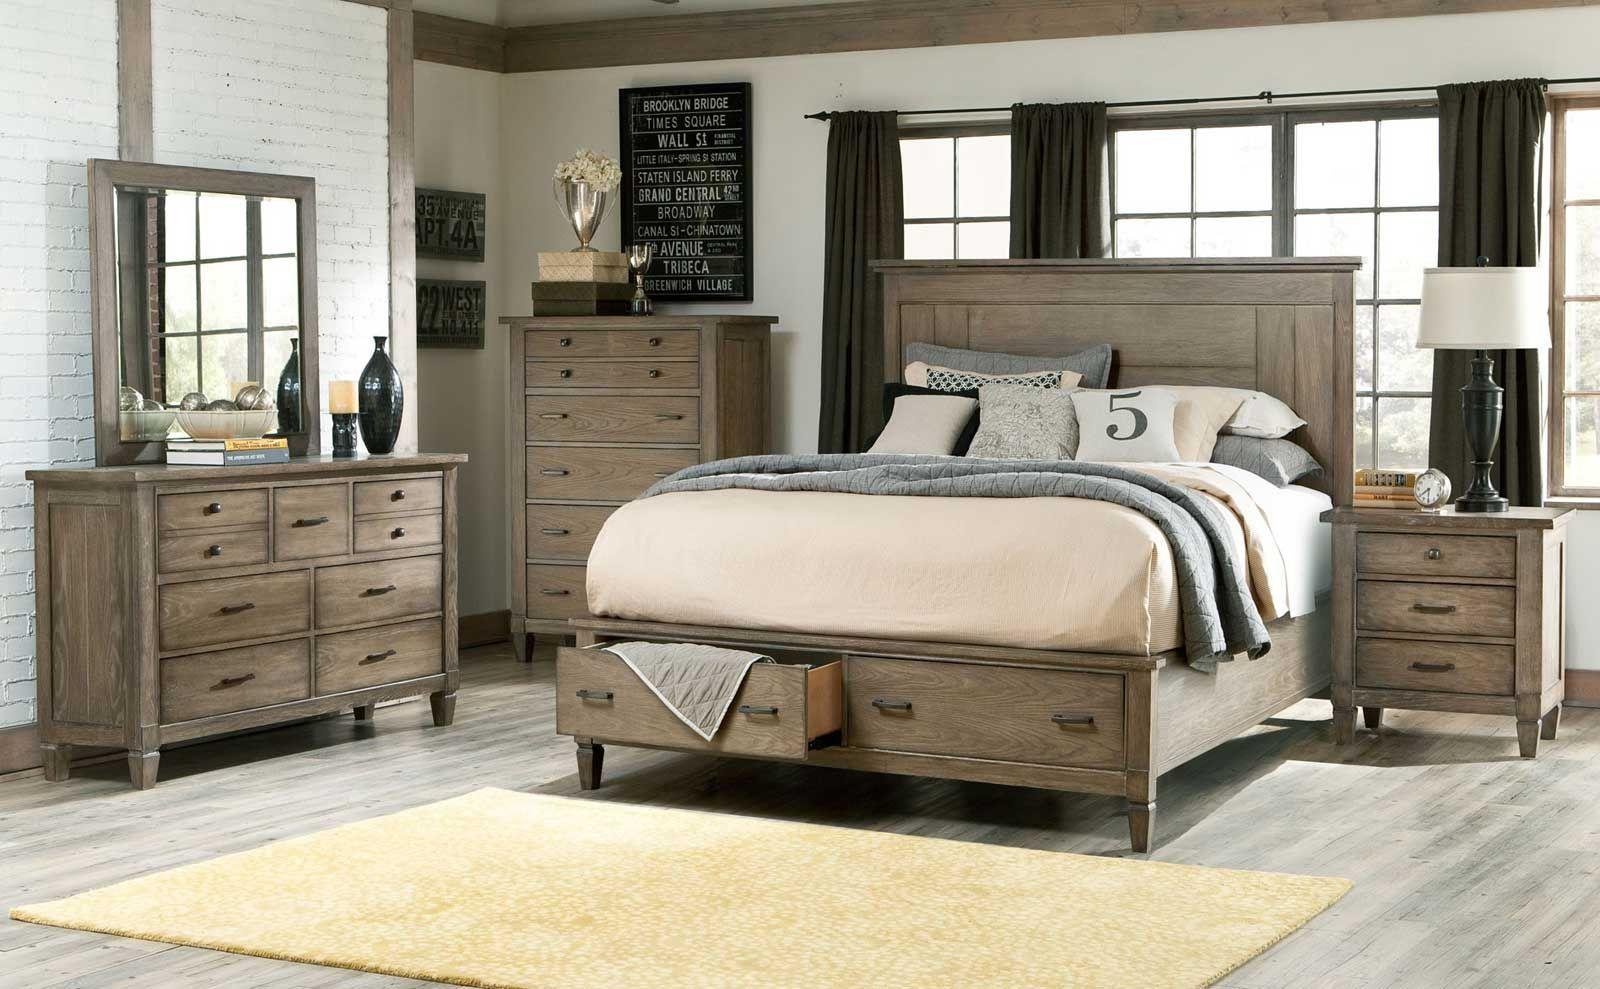 Image result for wood king size bedroom sets Decorating